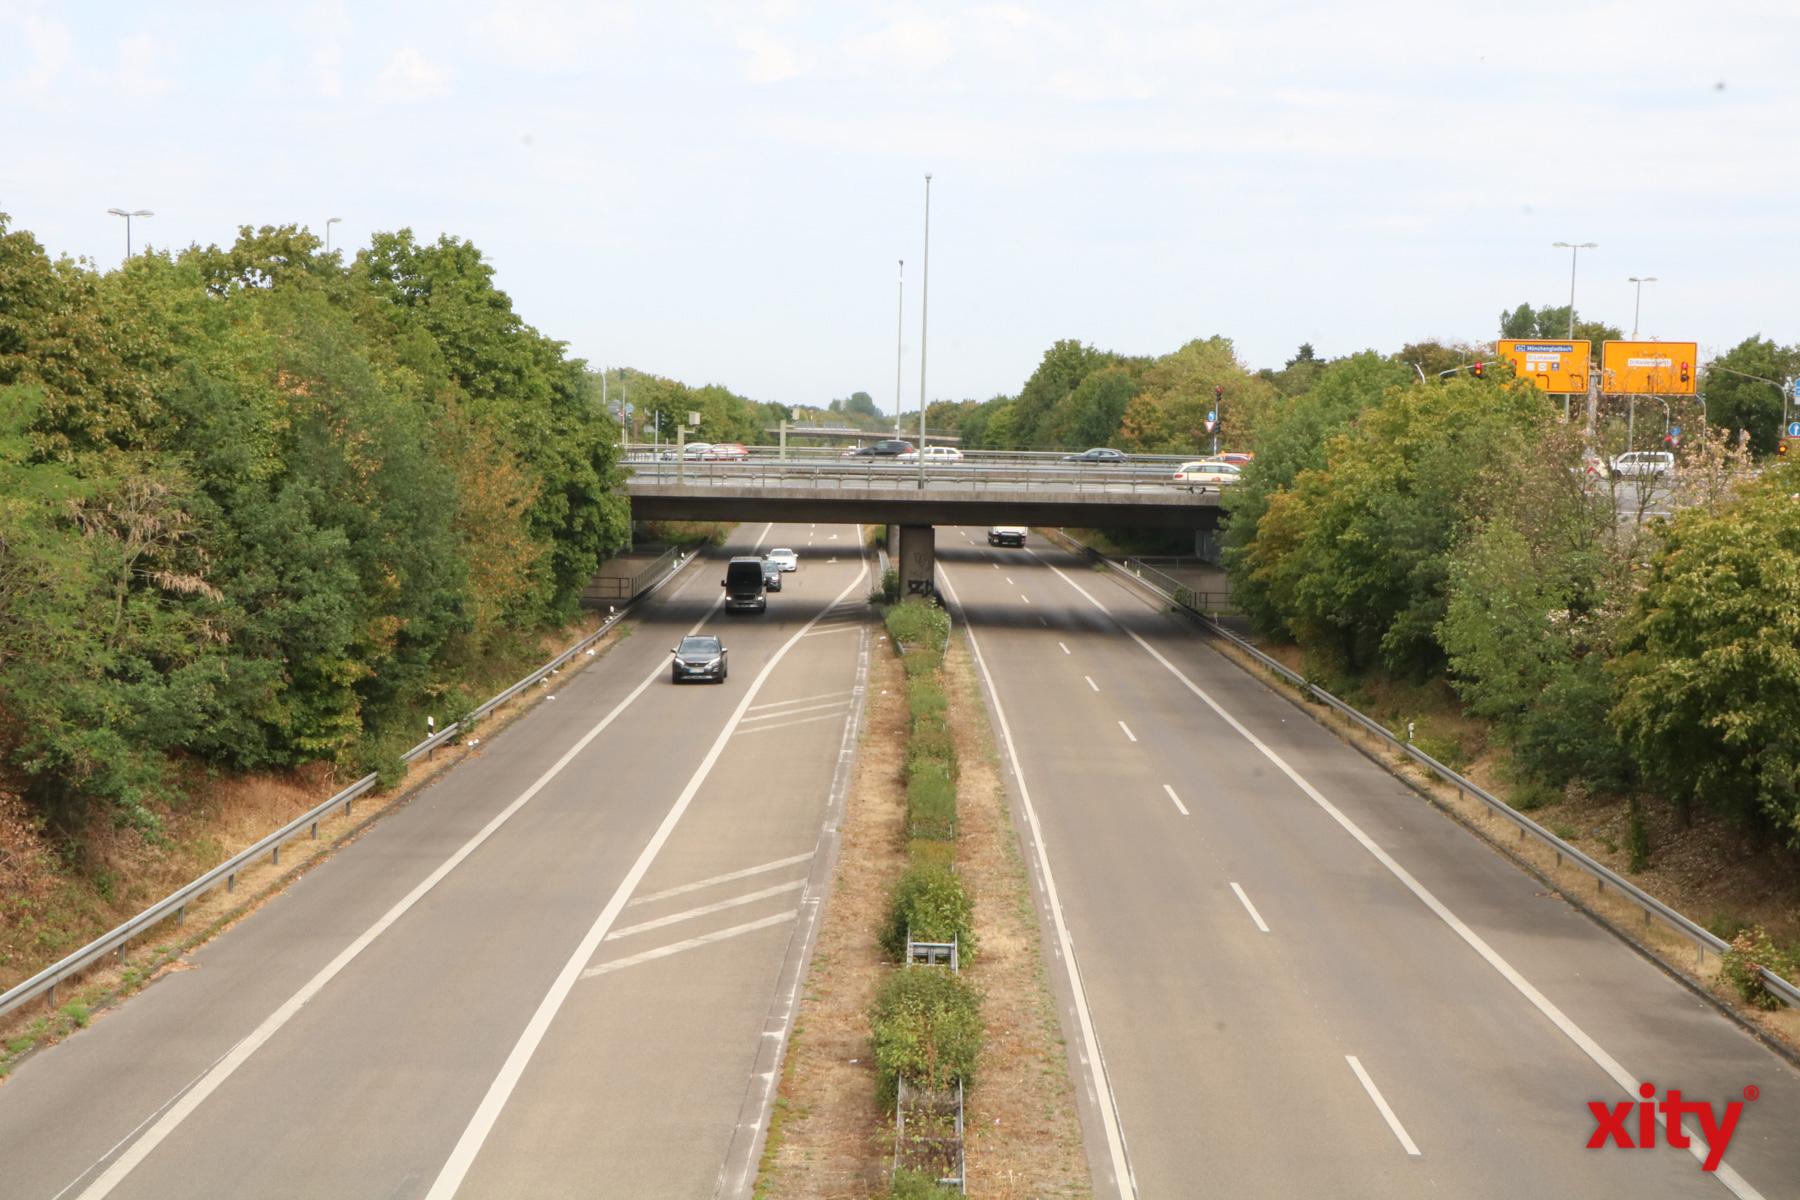 Über dieses Autobahnkreuz an der A44 soll die Hochtrasse der U-81 führen (Foto: xity)